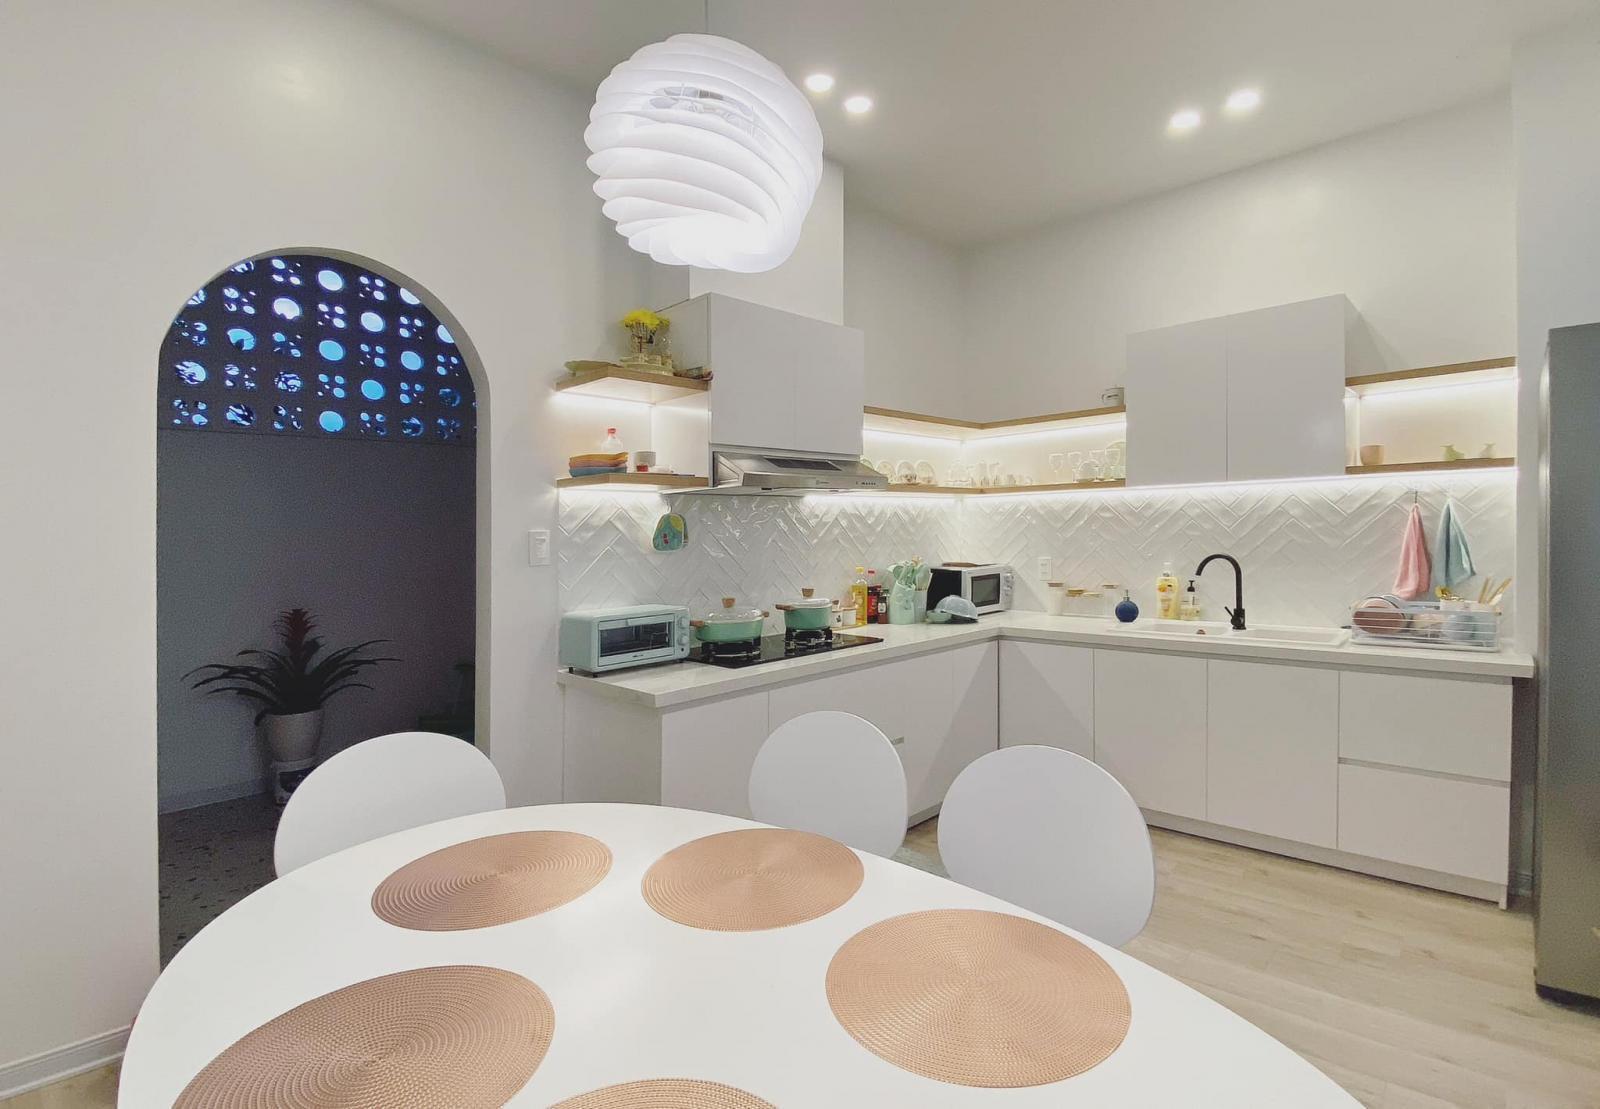 Tường gạch bông gió vừa lấy sáng và thông gió tốt hơn, vừa tăng hiệu quả thẩm mỹ của ngôi nhà.